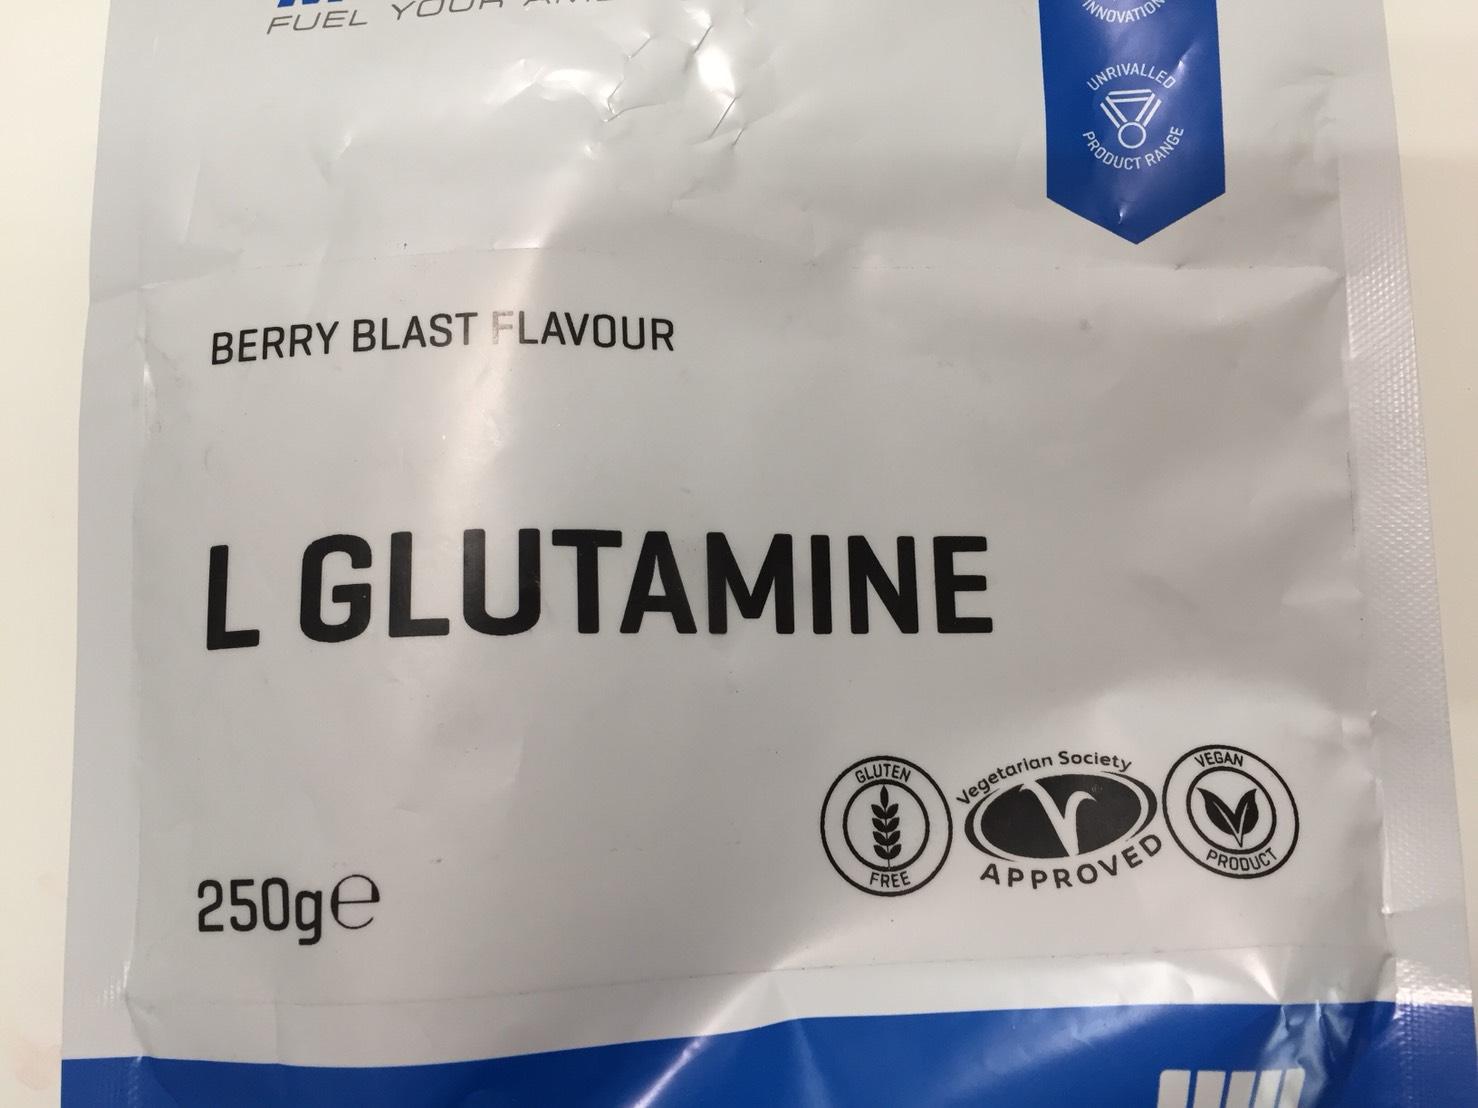 L-グルタミン「BERRY BLAST FLAVOUR(ベリーブラスト味)」